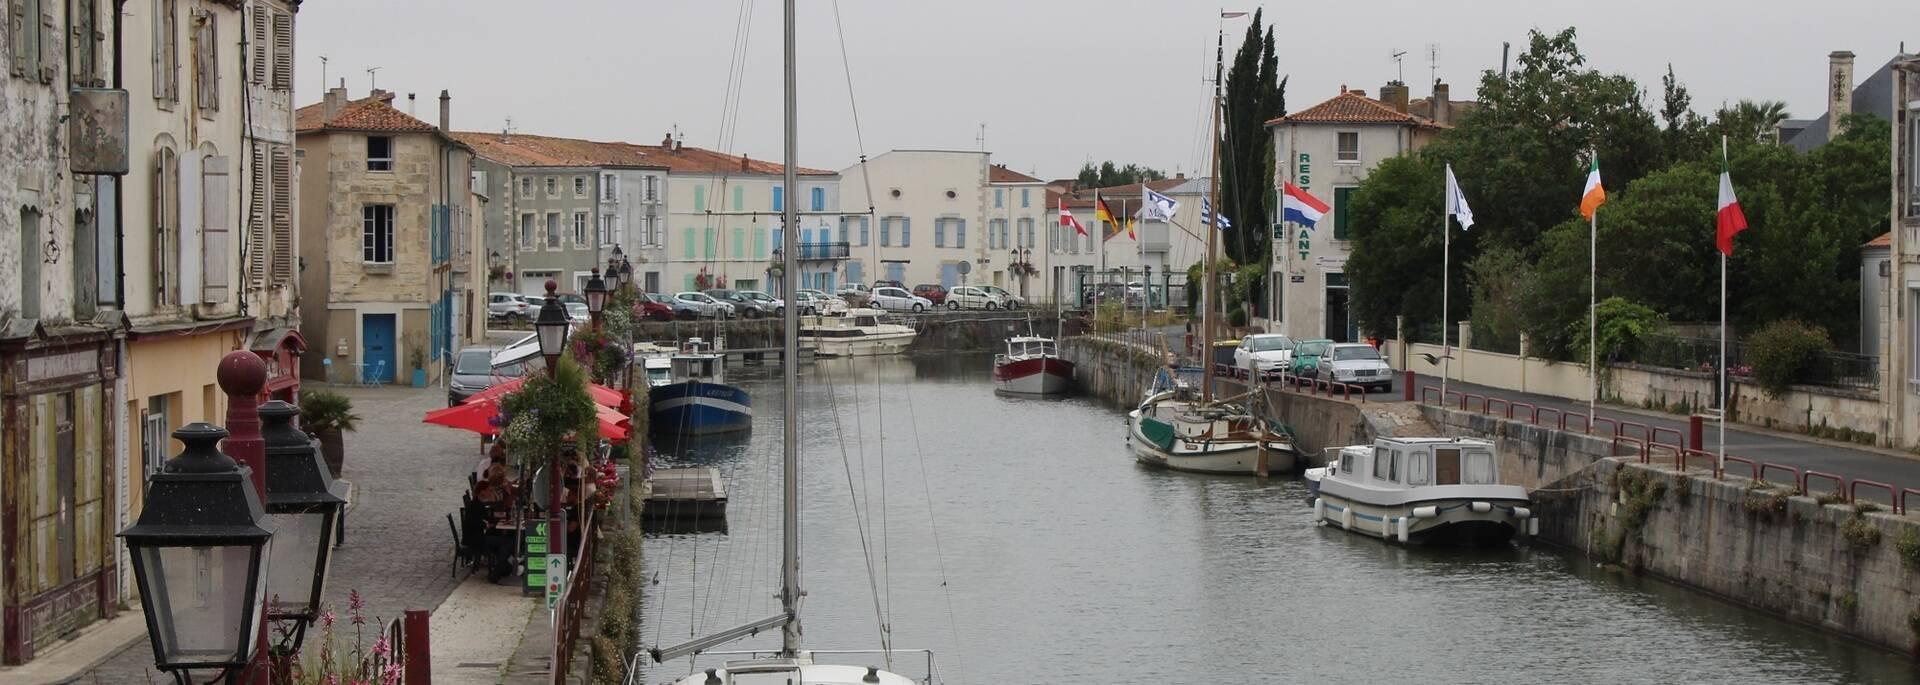 Les quais du port de Marans en Charente-Maritime - ©P.Migaud / FDHPA17